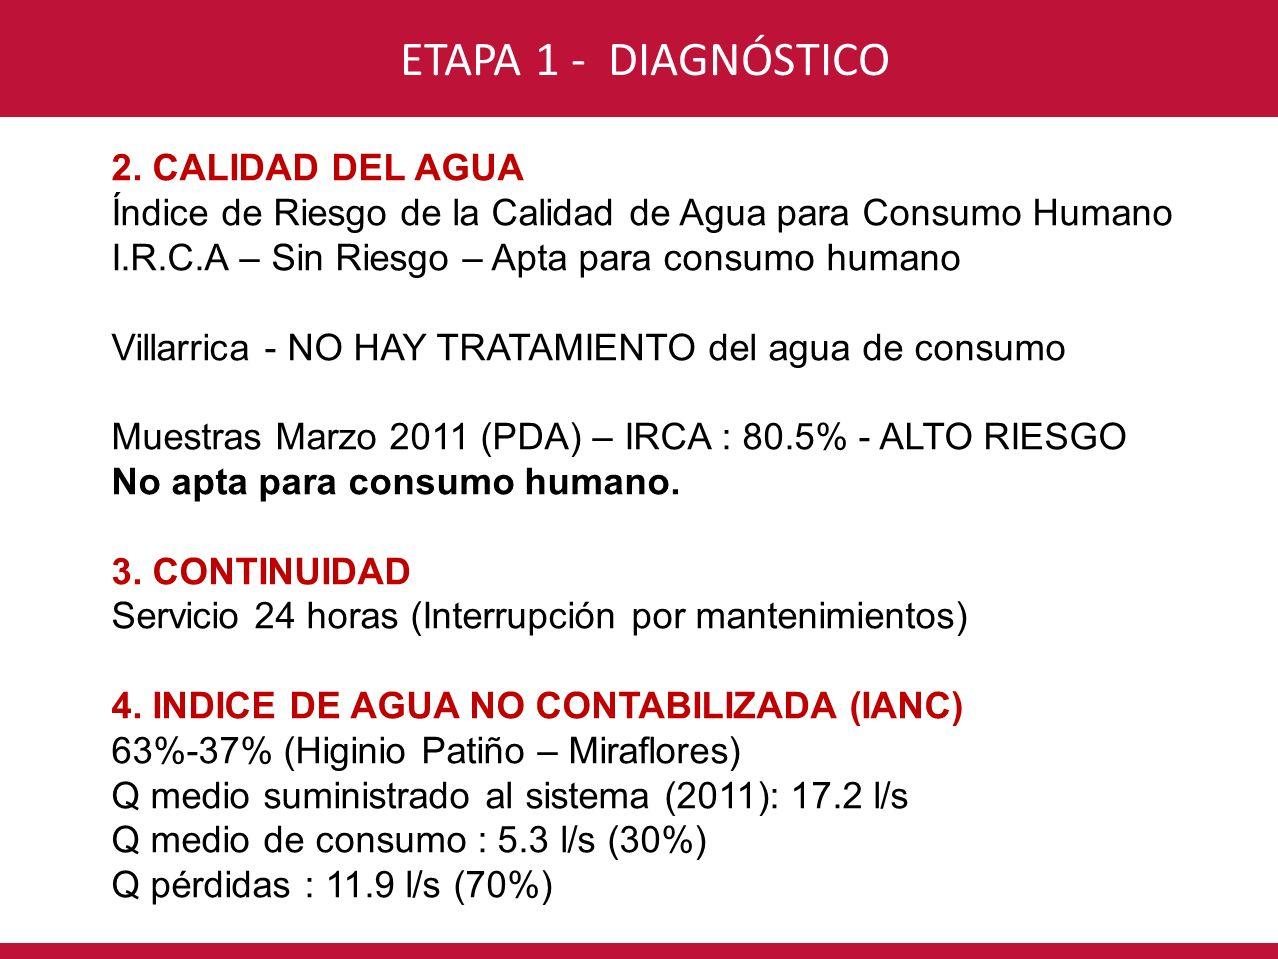 CONSORCIO INTERVENTORÍA POR UN NUEVO VALLE ETAPA 1 - DIAGNÓSTICO 2. CALIDAD DEL AGUA Índice de Riesgo de la Calidad de Agua para Consumo Humano I.R.C.